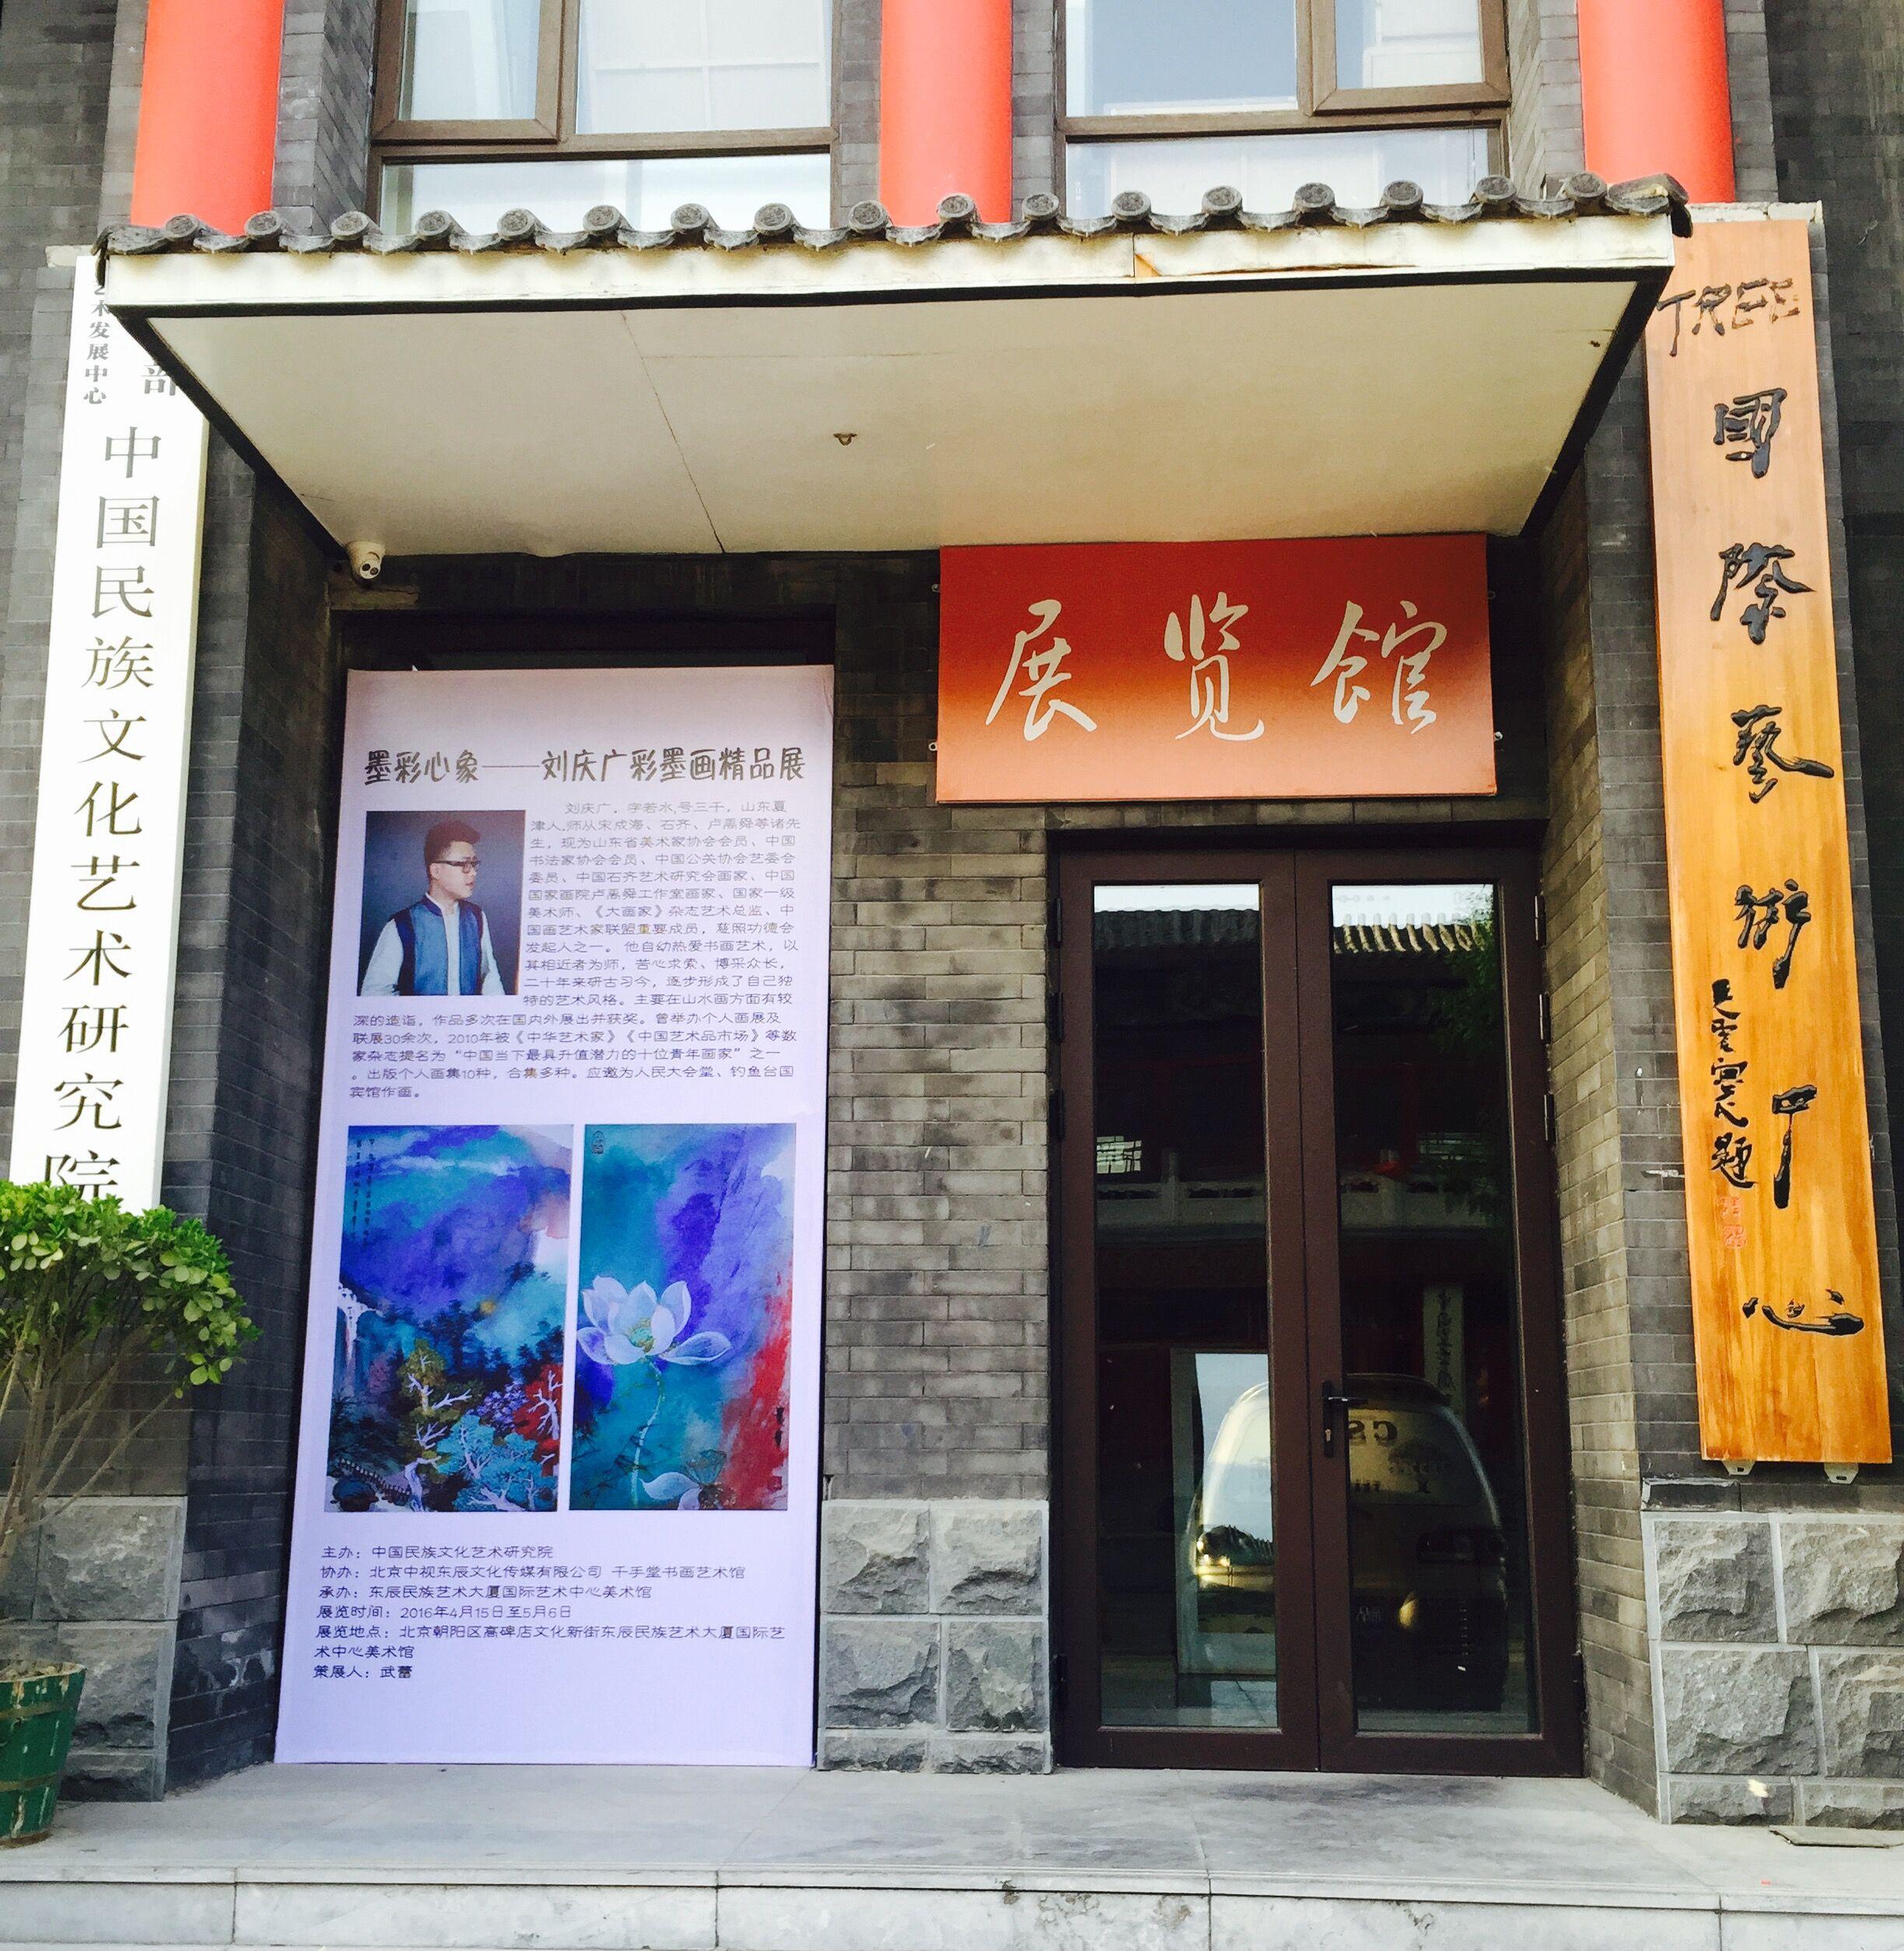 墨彩搜狐--刘庆广彩墨画精品展-心象家具厂创业图片